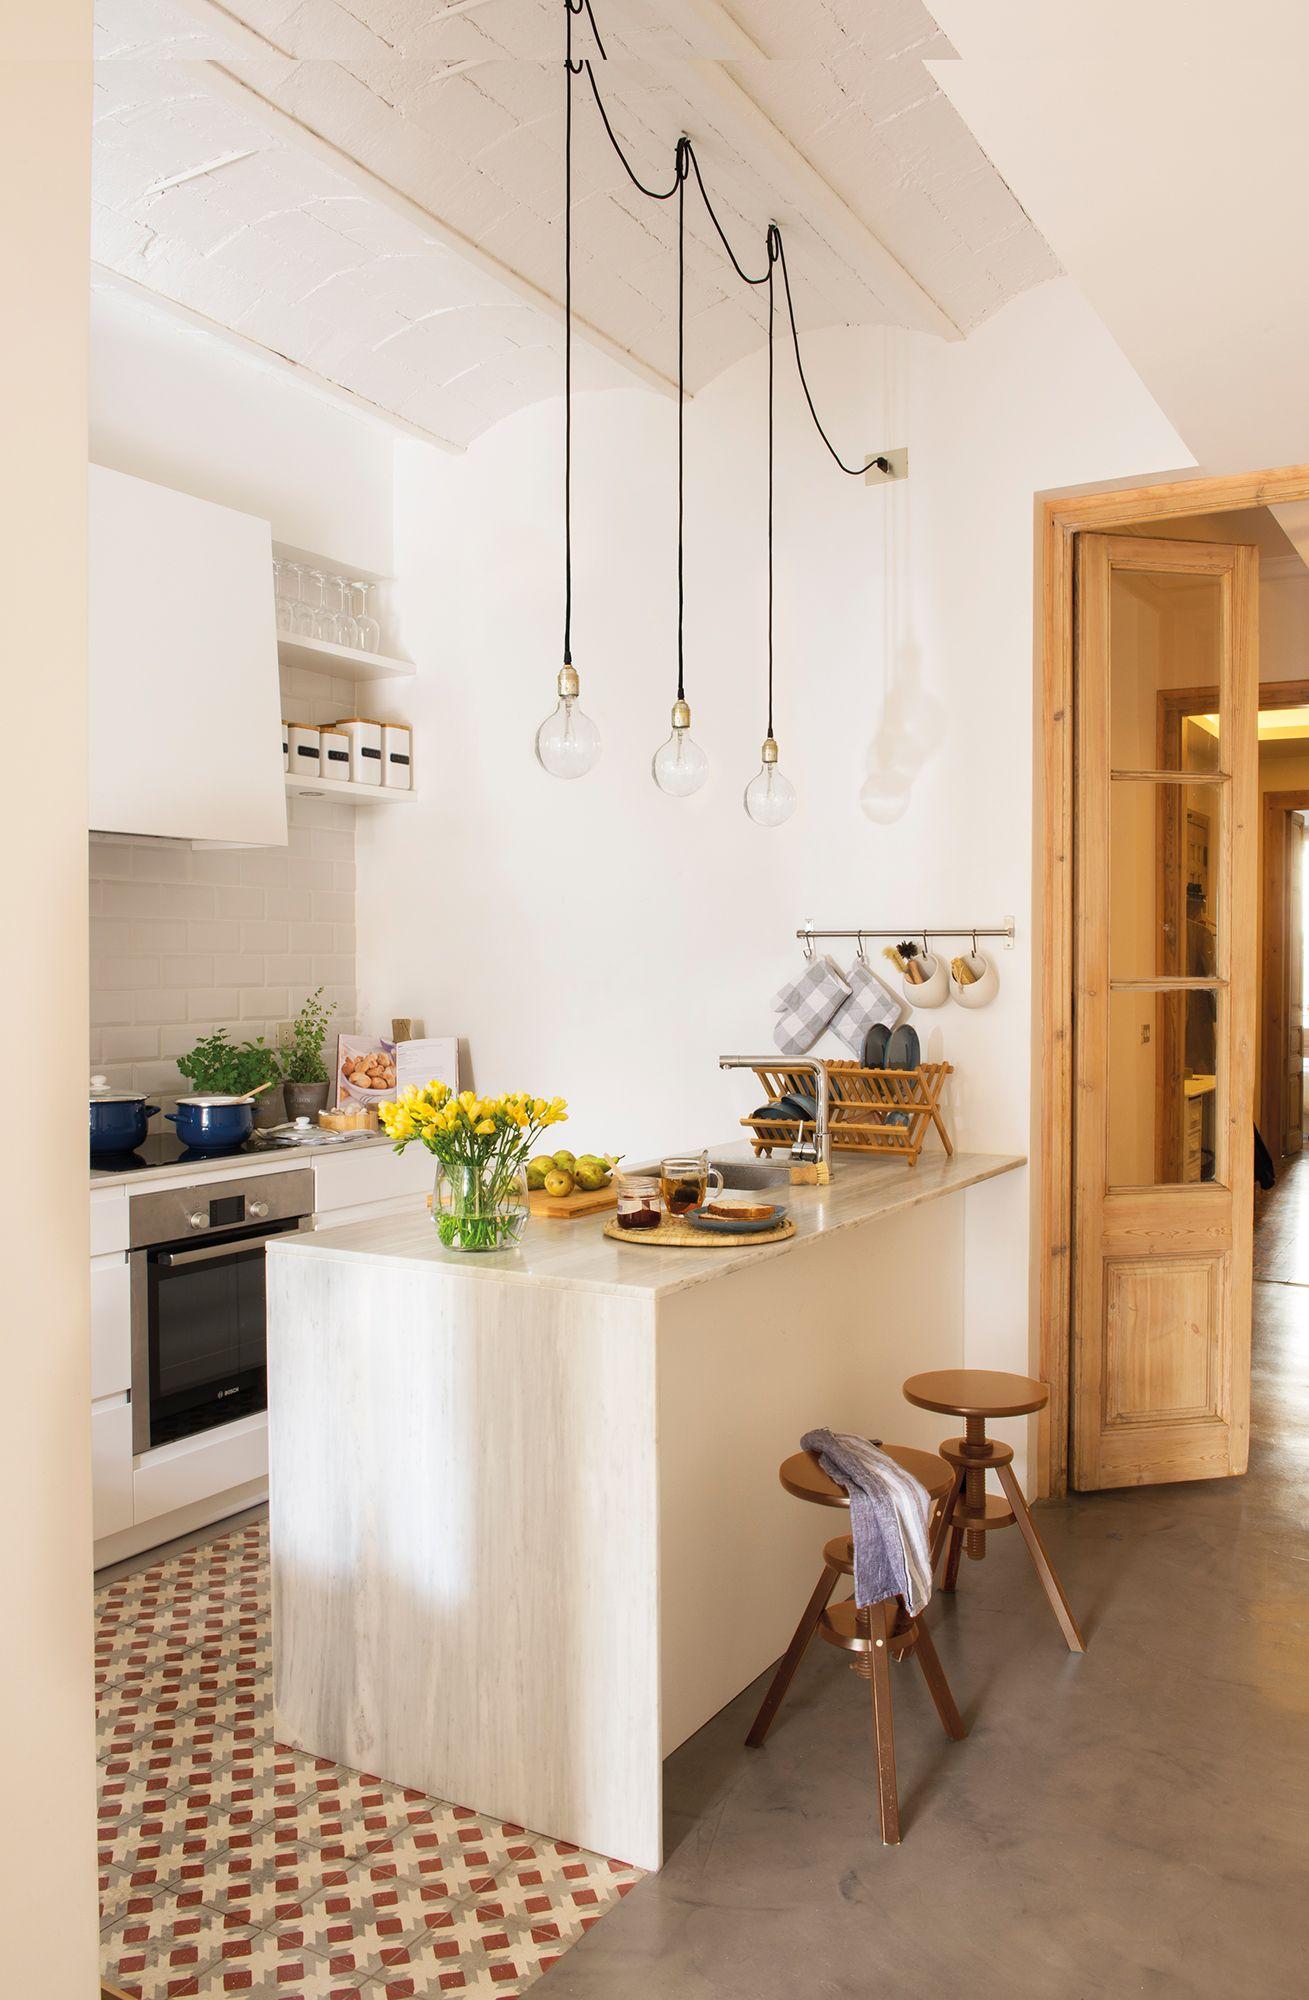 Cocinas peque as y alargadas la distribuci n perfecta - Cocinas blancas pequenas ...